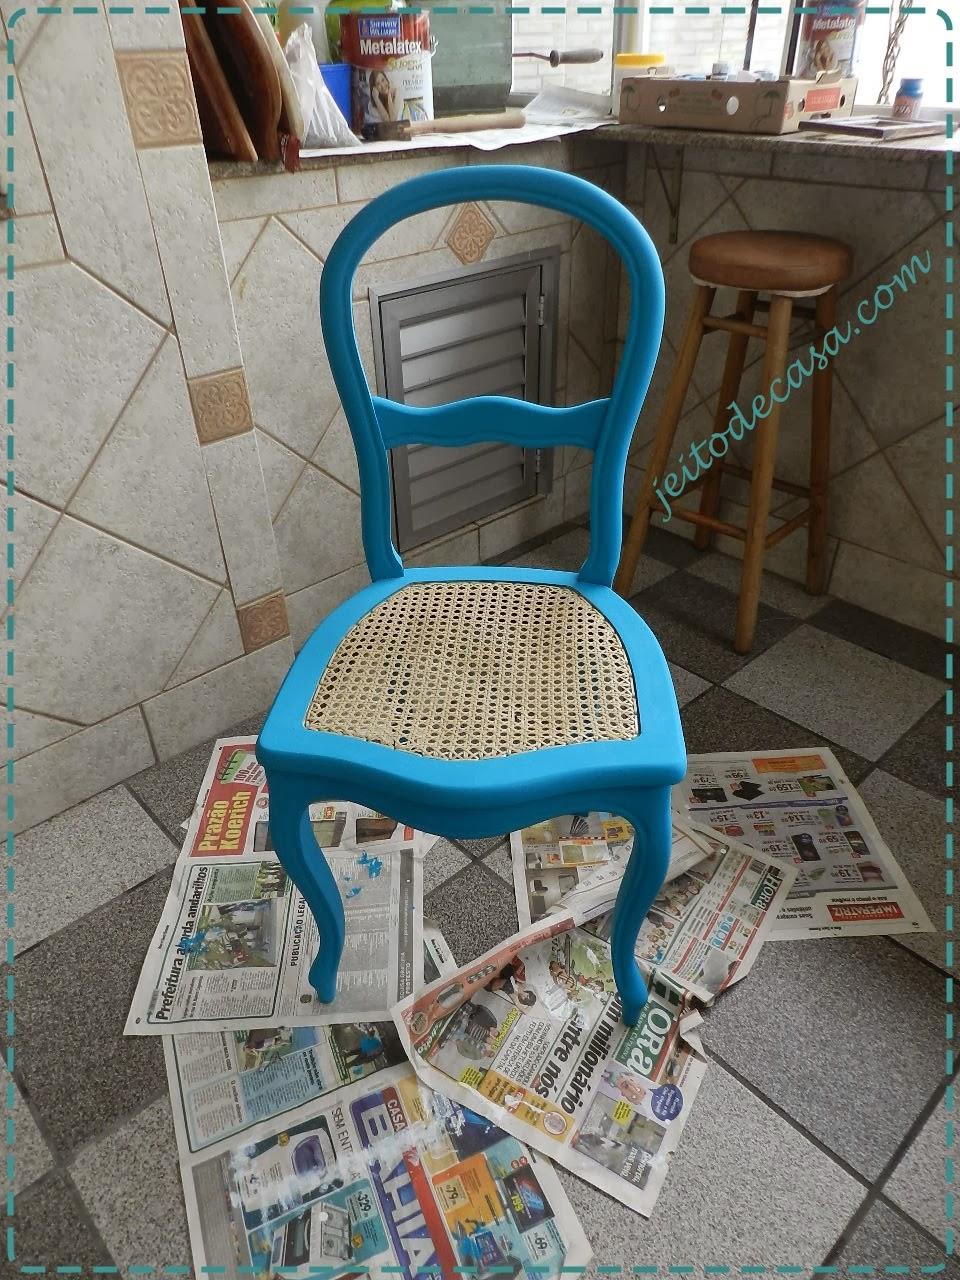 cadeira pintada de azul turquesa